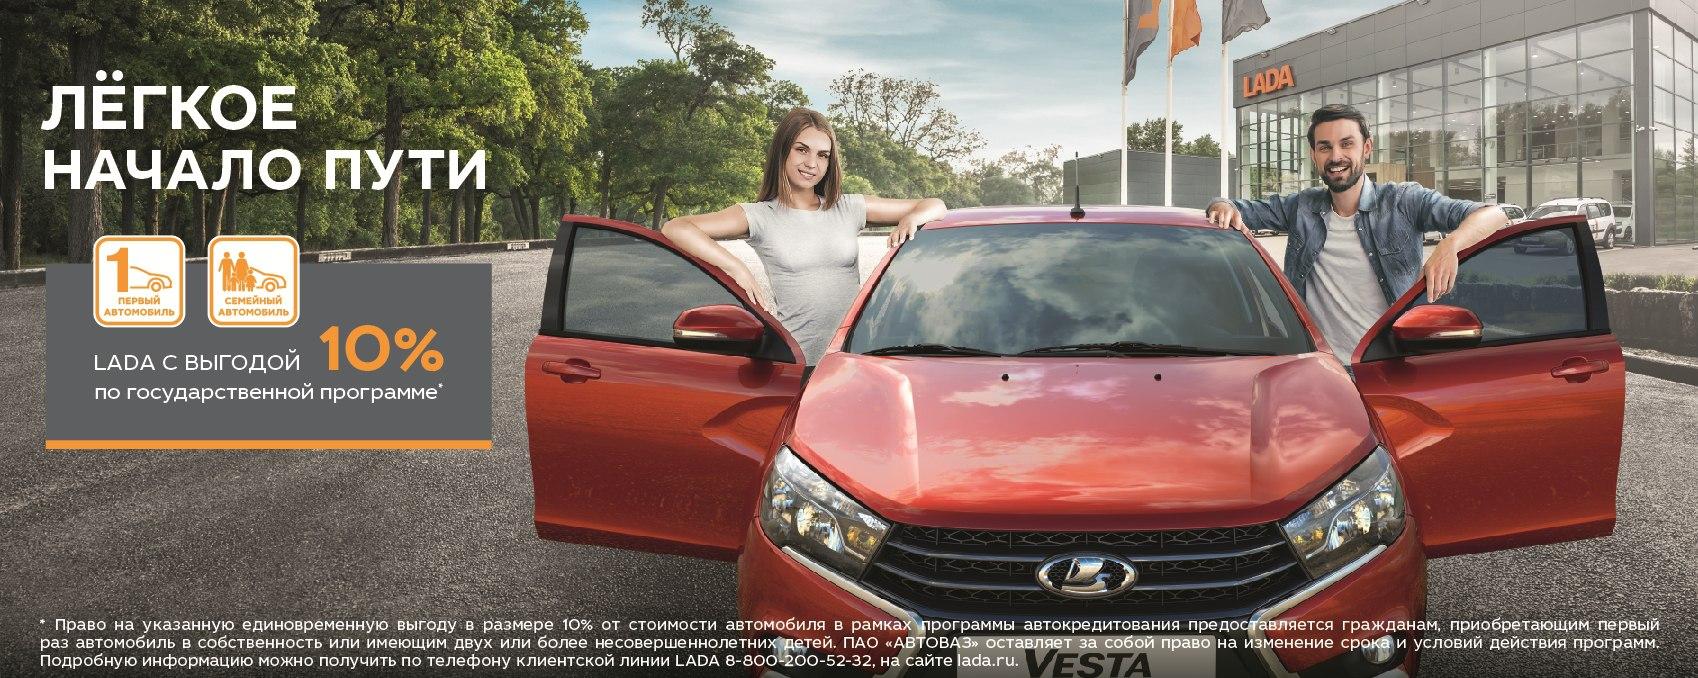 Легкое начало пути!  LADA  с выгодой 10% по государственной программе в Премьер Авто!